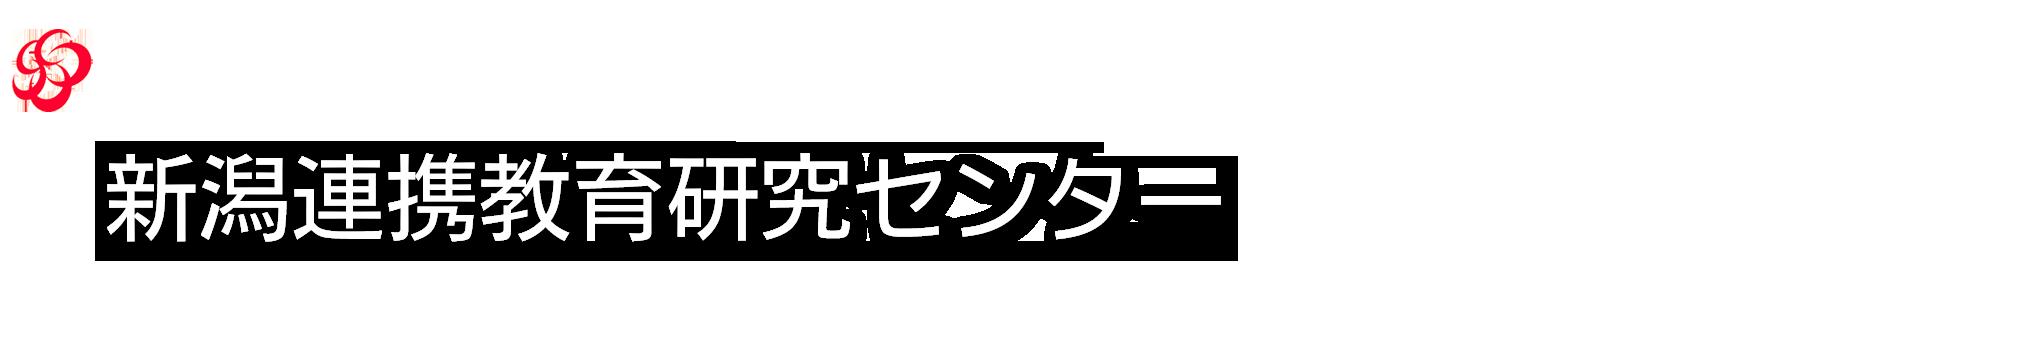 新潟連携教育研究センター